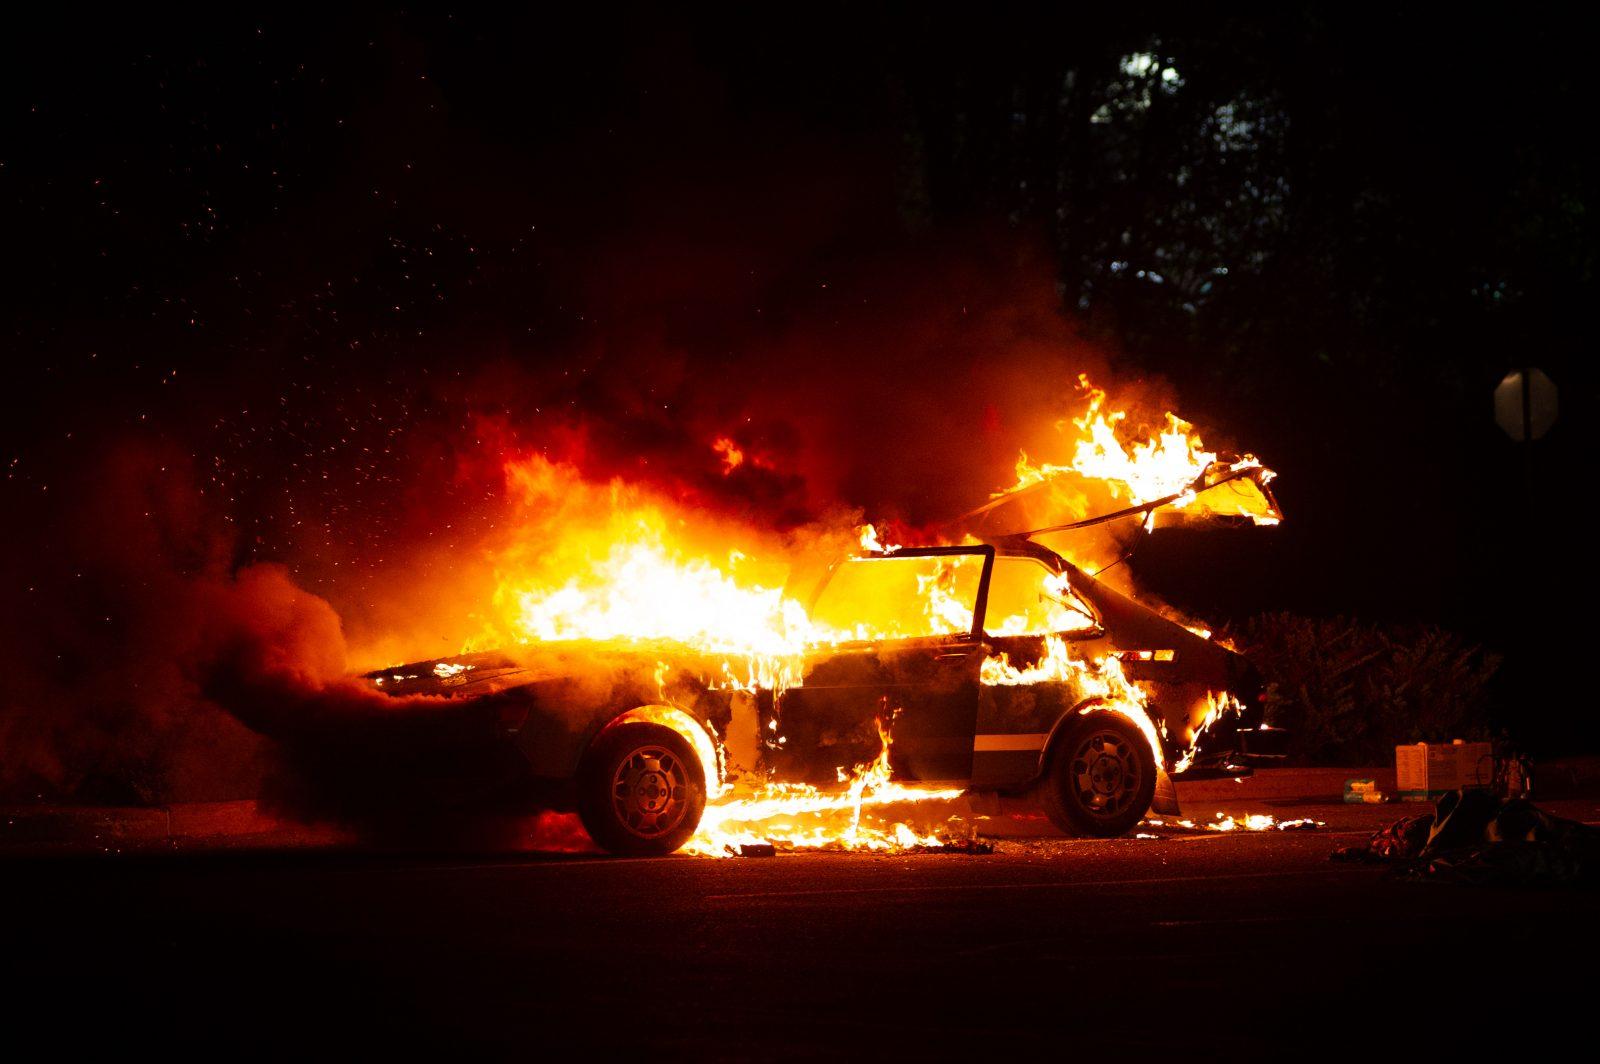 Une voiture flambe dans un stationnement (photos et vidéo)